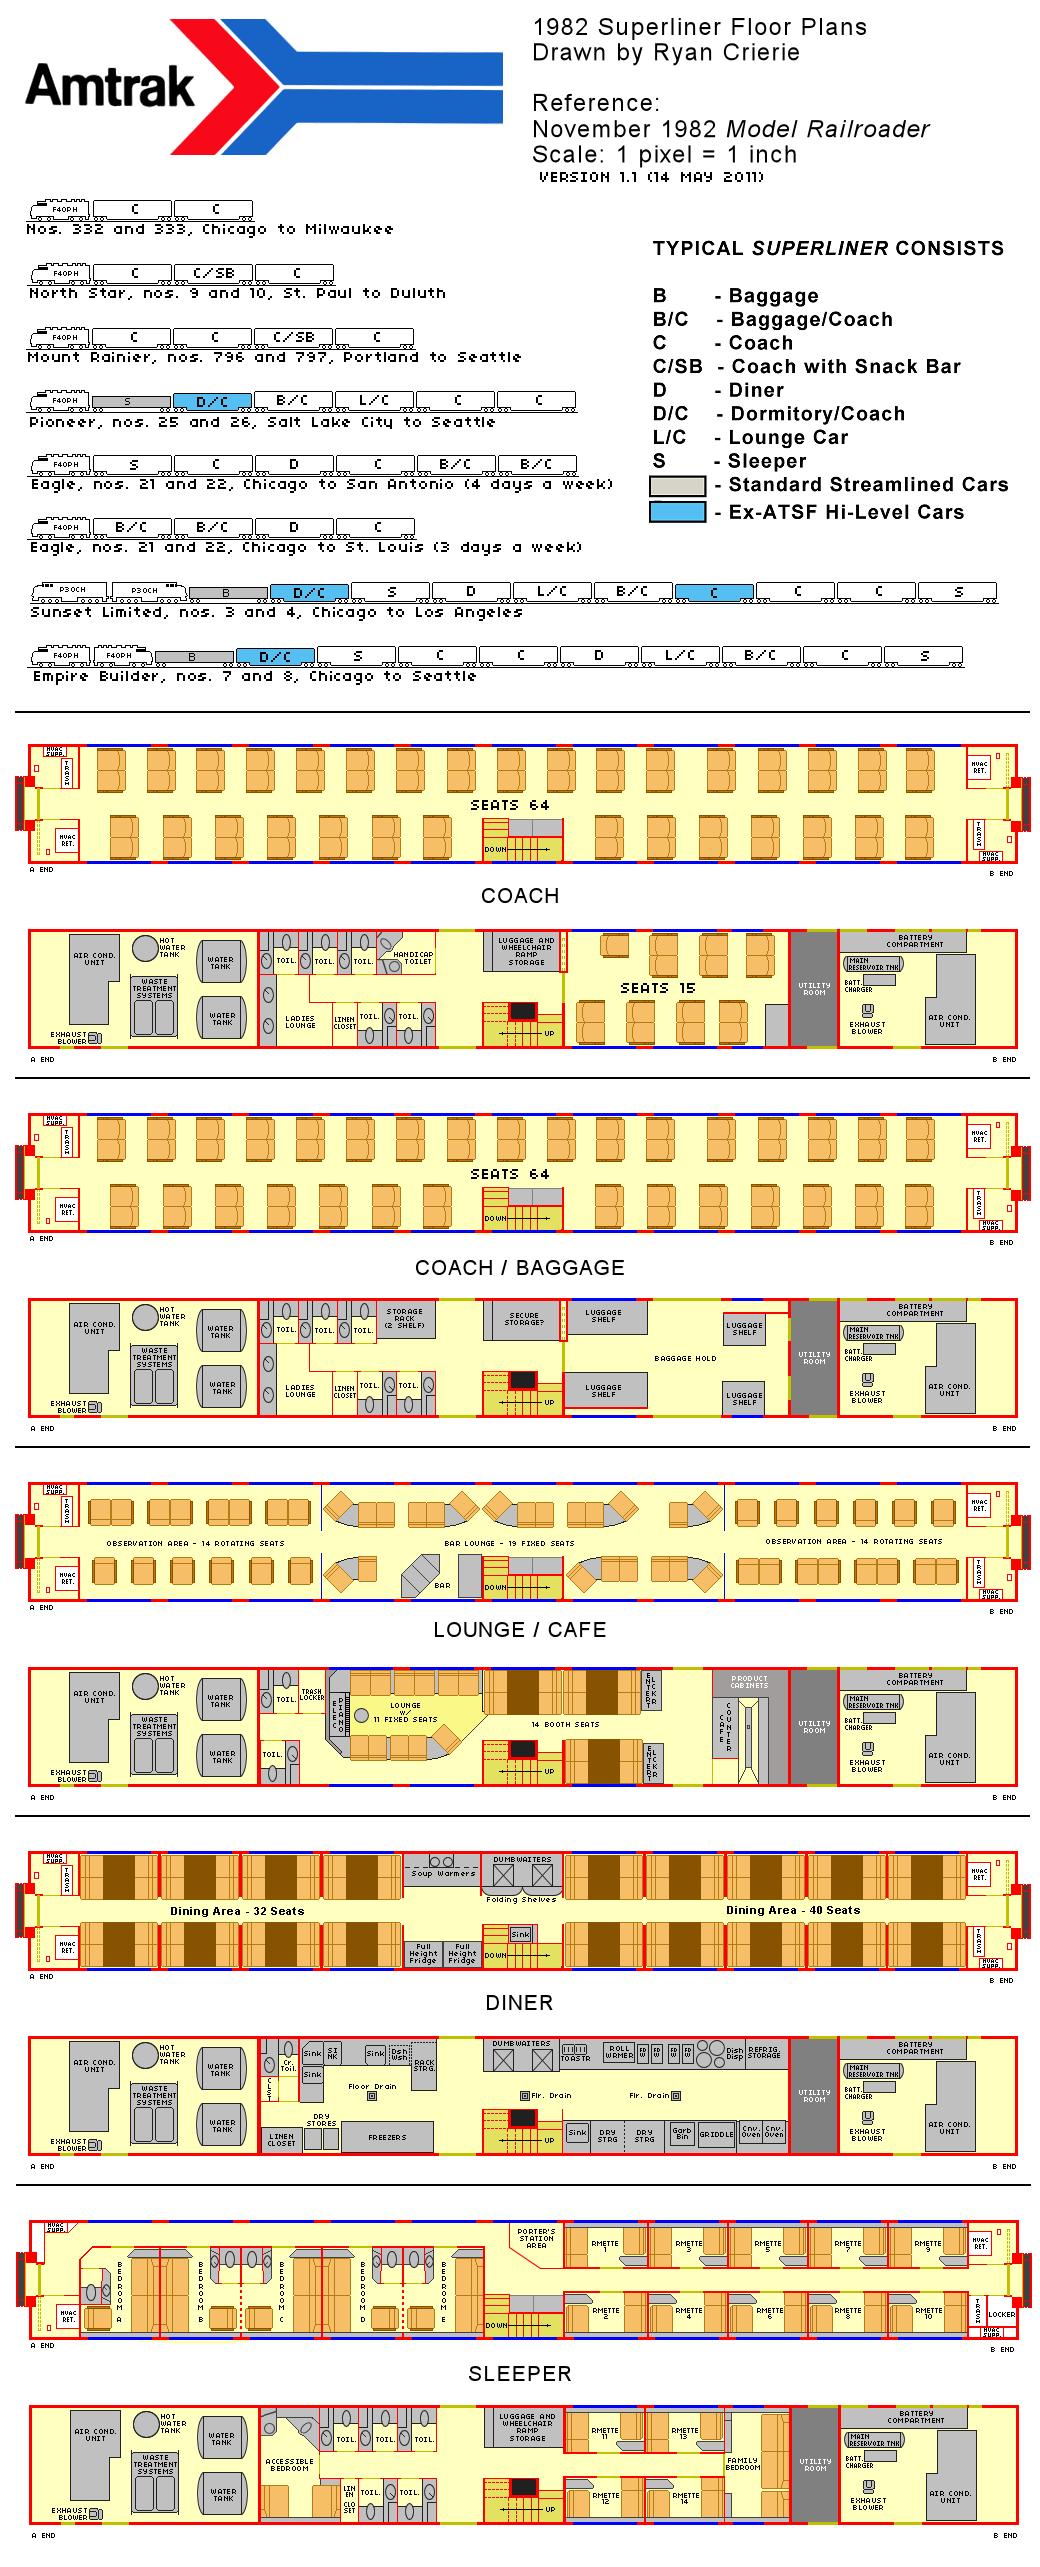 amtrak superliner flooro plans 1982 | Diagrams, Drawings & Models ...